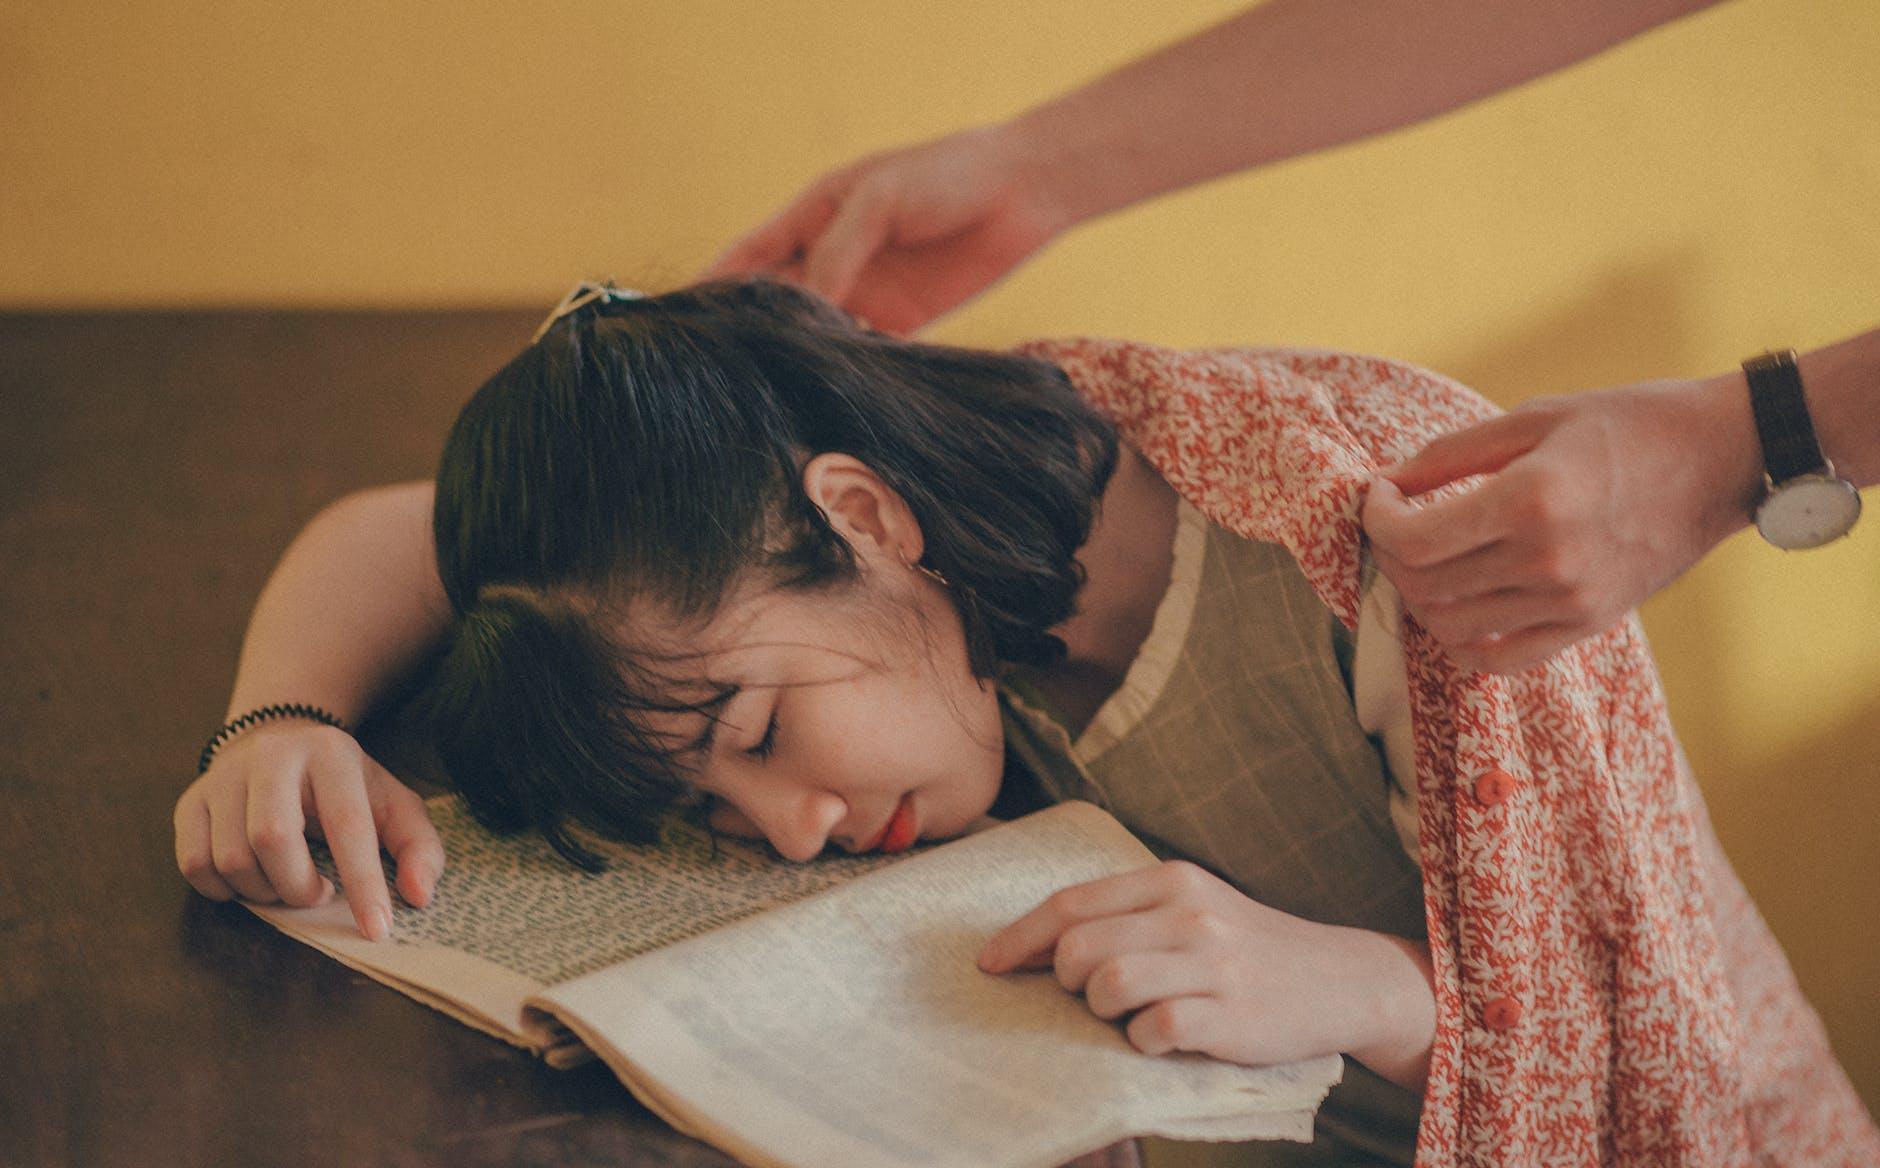 durasi waktu tidur ideal terganggu karena punya kebiasaan insomnia